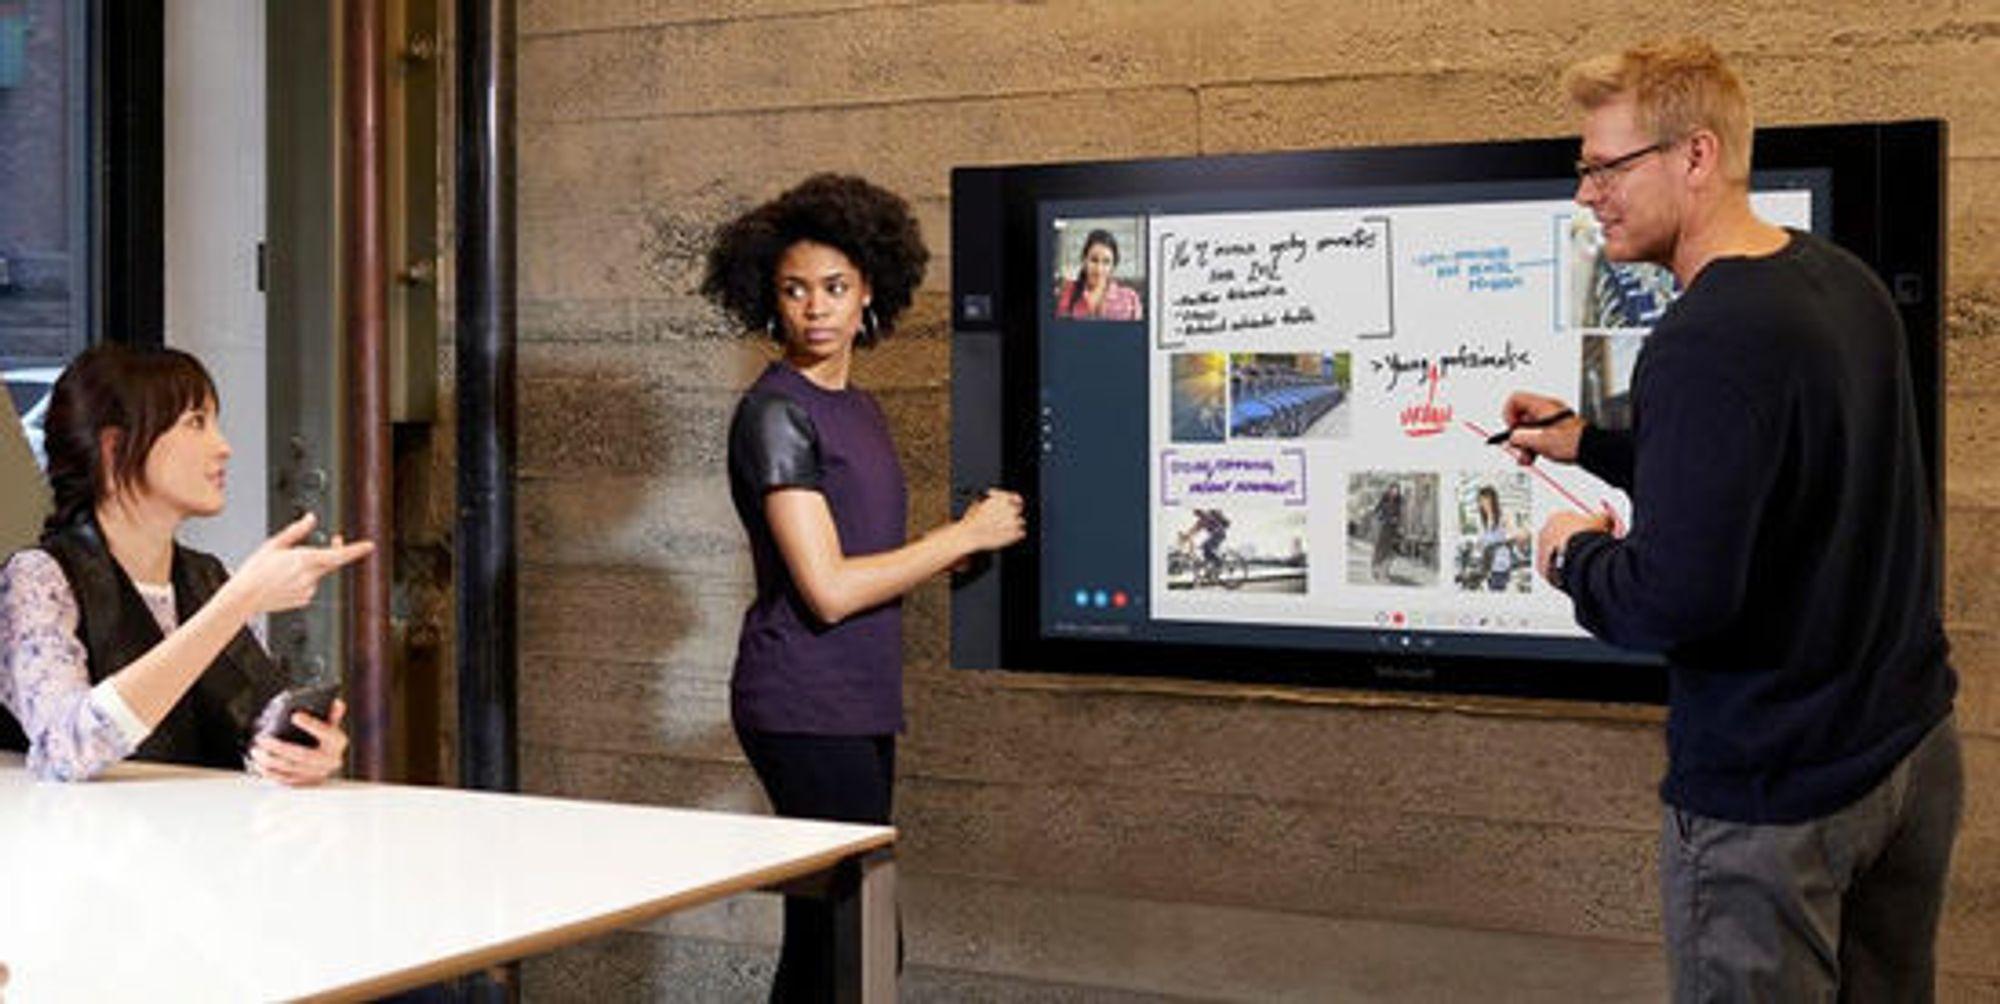 Surface Hub kan kanskje gjøre konferanser hyggeligere.